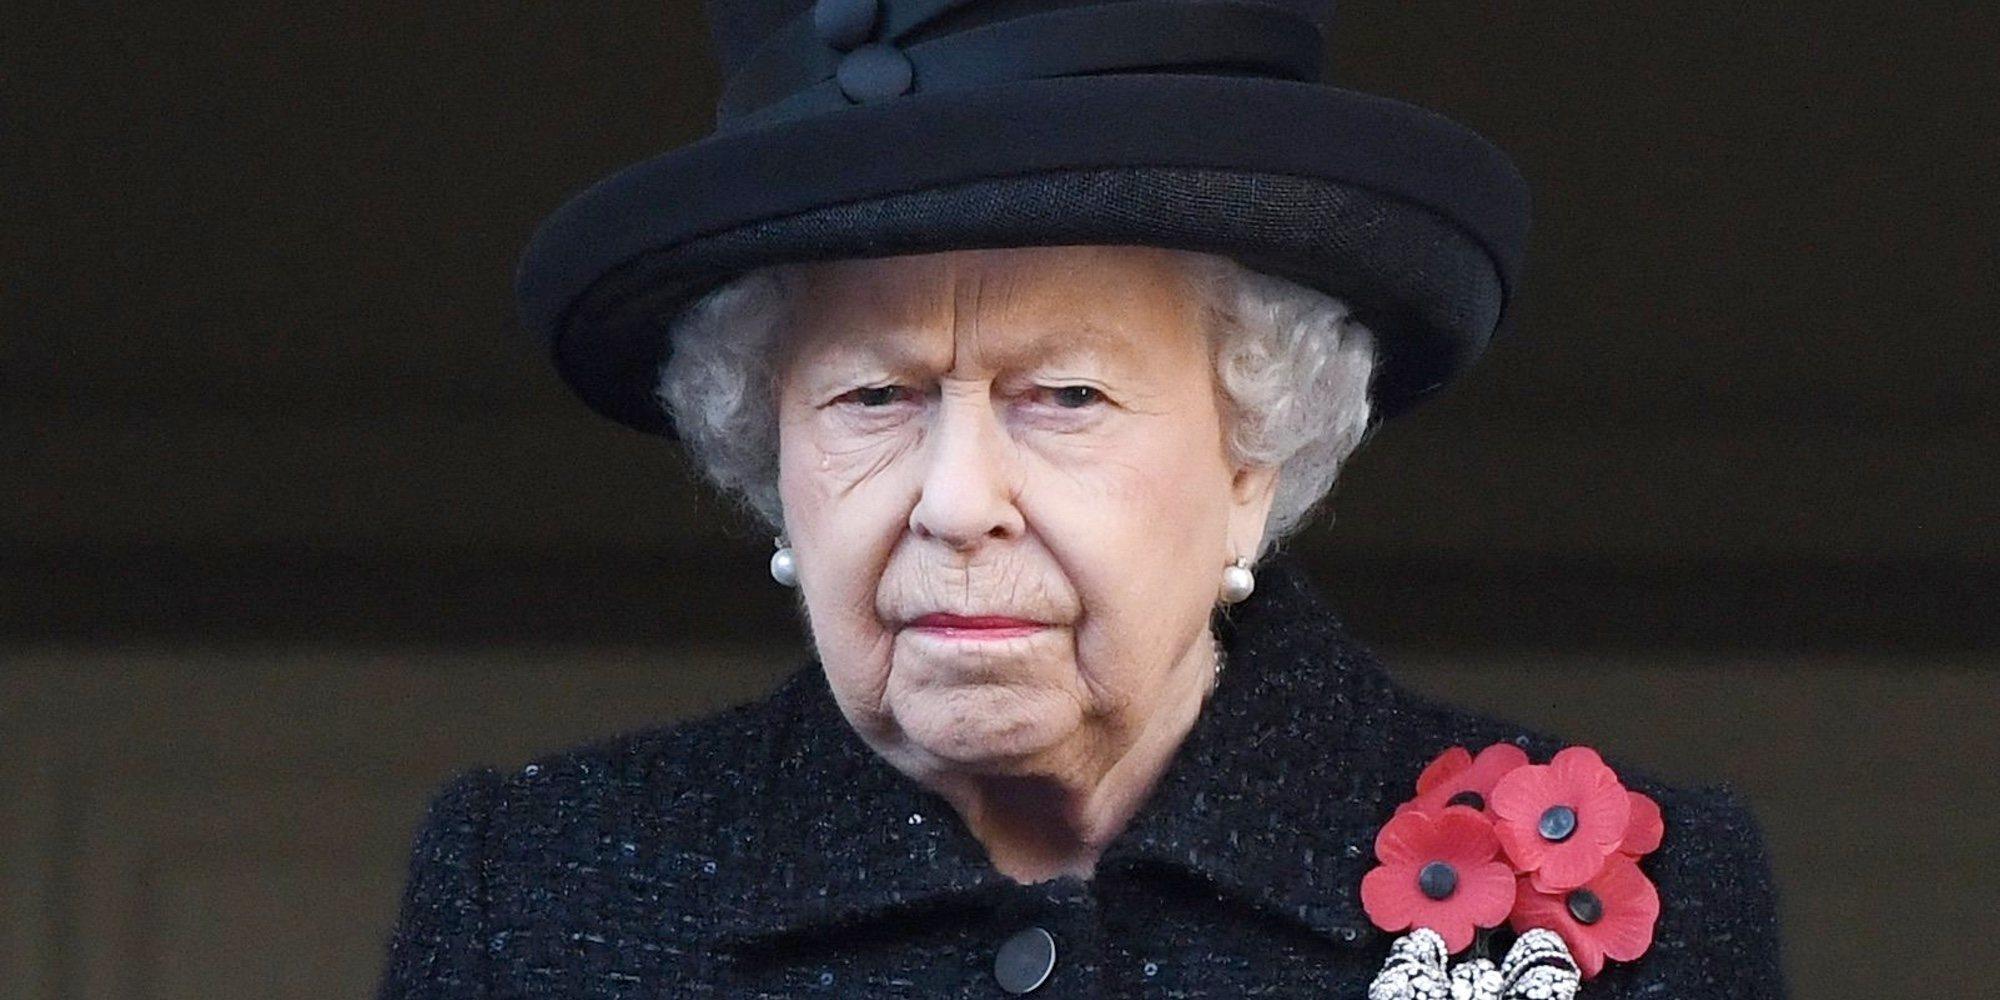 El acto que la Reina Isabel no se quiere perder y que marcará su regreso definitivo tras el confinamiento